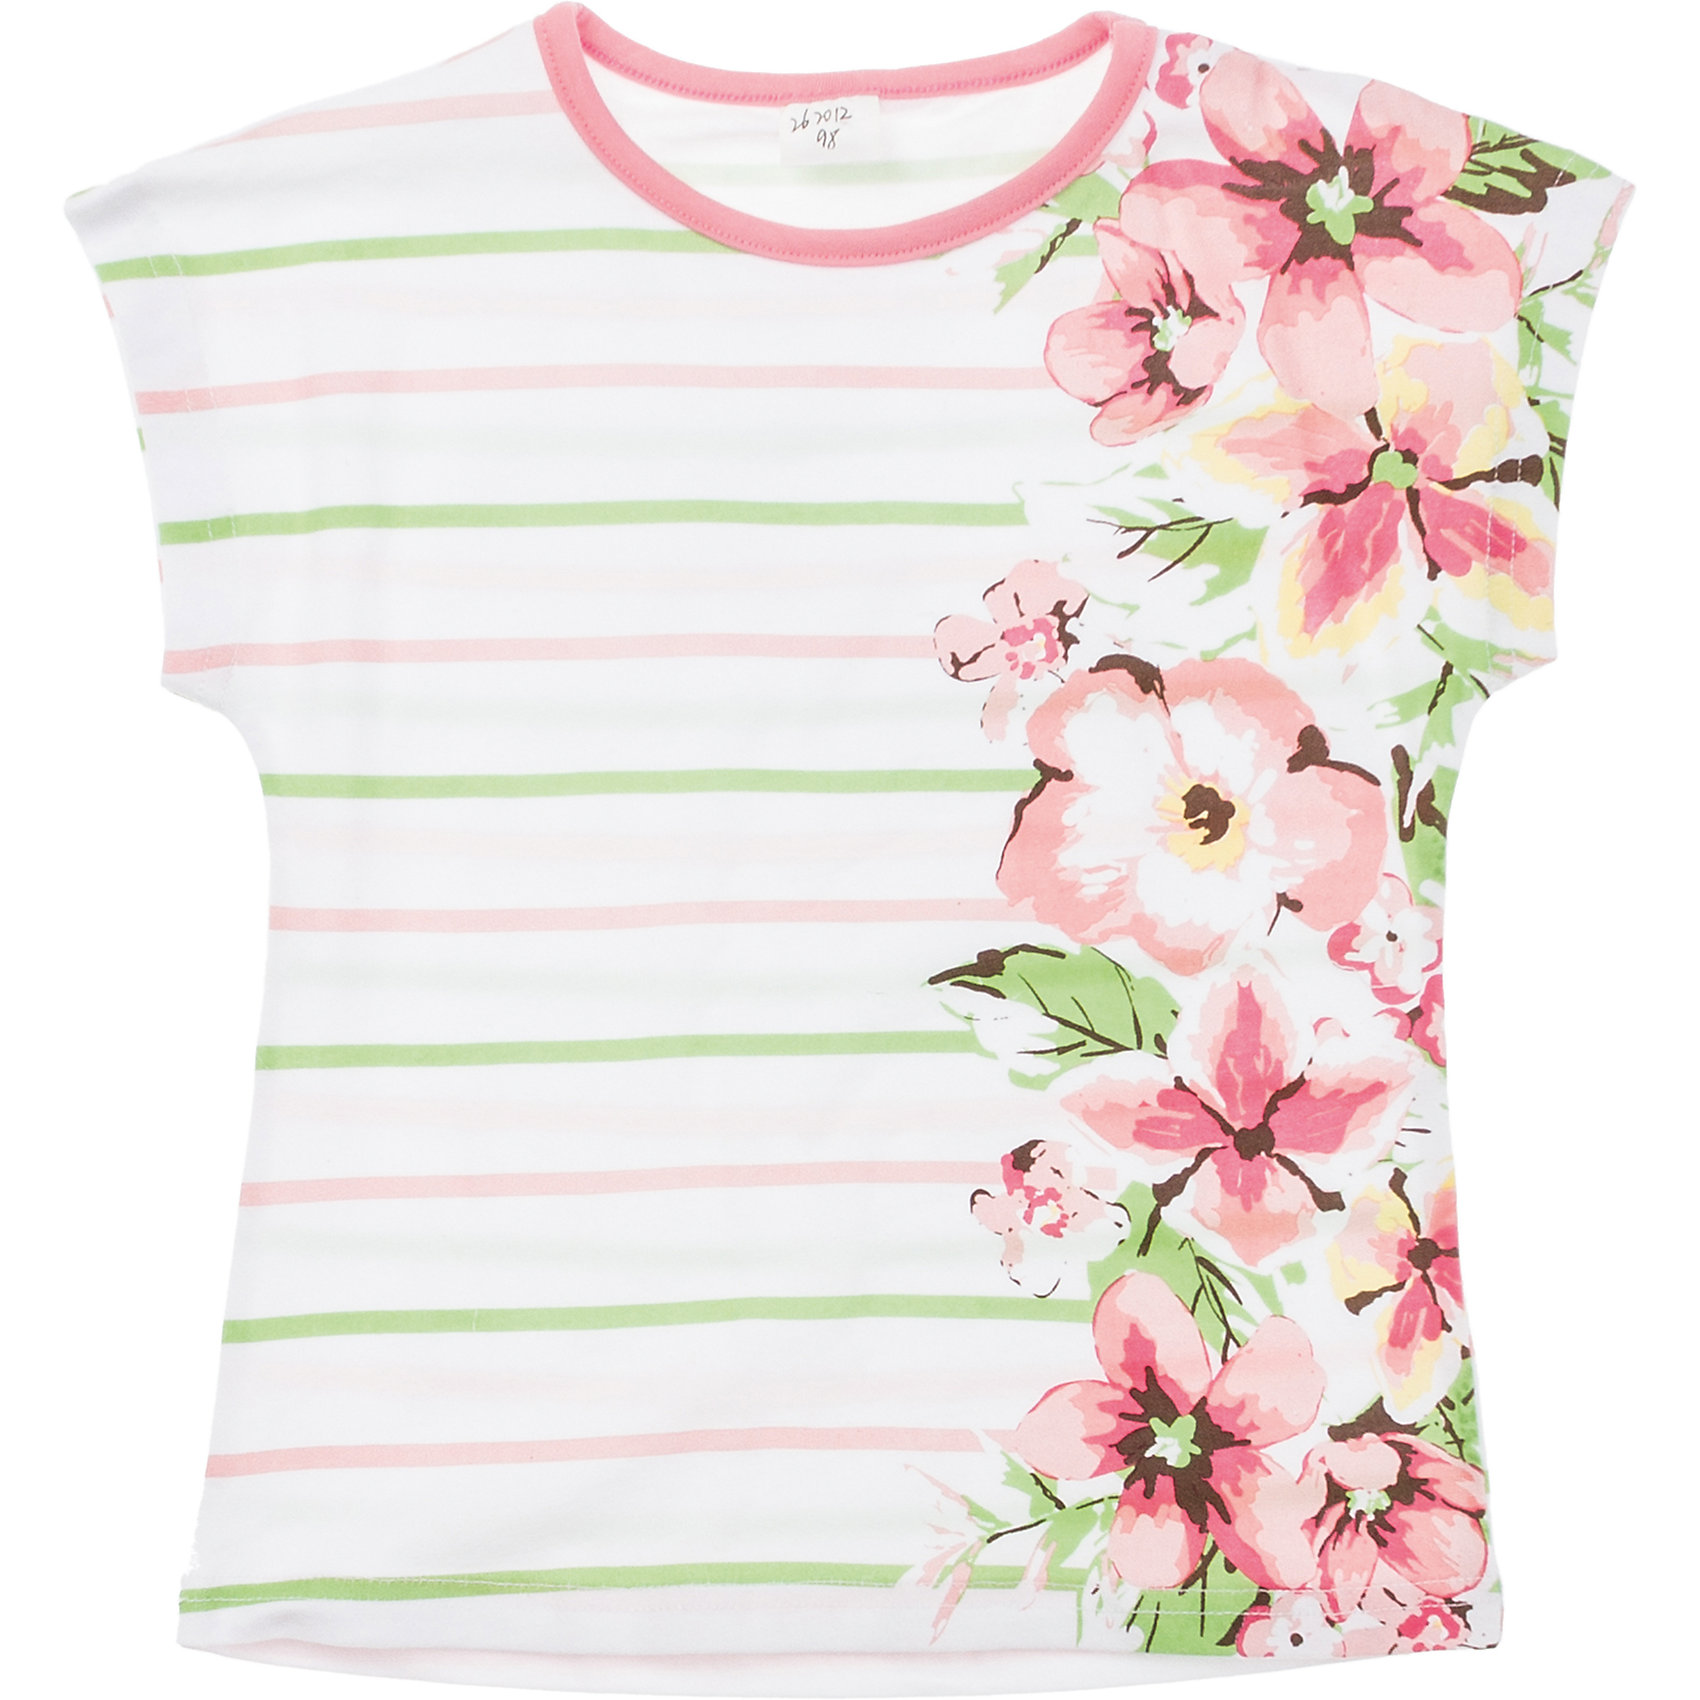 Футболка для девочки PlayTodayФутболки, поло и топы<br>Мягкая футболка с нежными цветочками. Удобный рукав-реглан, воротник на резинке персикового цвета. Состав: 95% хлопок, 5% эластан<br><br>Ширина мм: 199<br>Глубина мм: 10<br>Высота мм: 161<br>Вес г: 151<br>Цвет: белый<br>Возраст от месяцев: 36<br>Возраст до месяцев: 48<br>Пол: Женский<br>Возраст: Детский<br>Размер: 104,122,98,116,110,128<br>SKU: 4652658